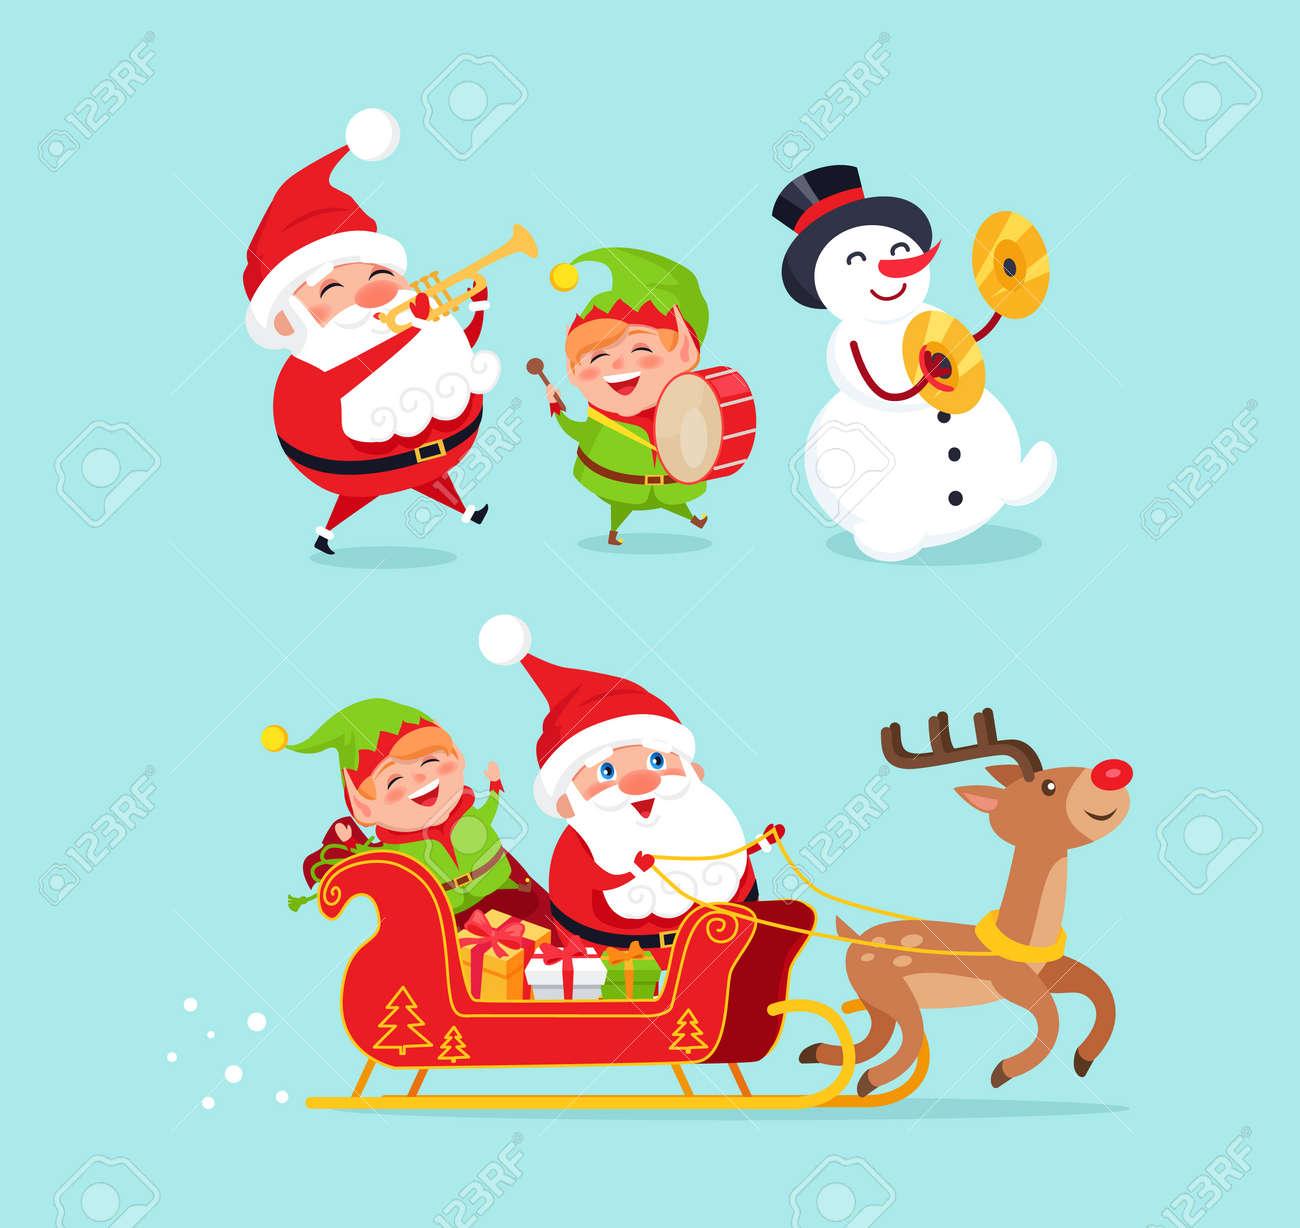 黒い帽子をかぶった伝統的な衣装と雪だるまを身に着けているサンタクロースドラム付きエルフそりトナカイのプレゼントキャラクターベクトルイラスト